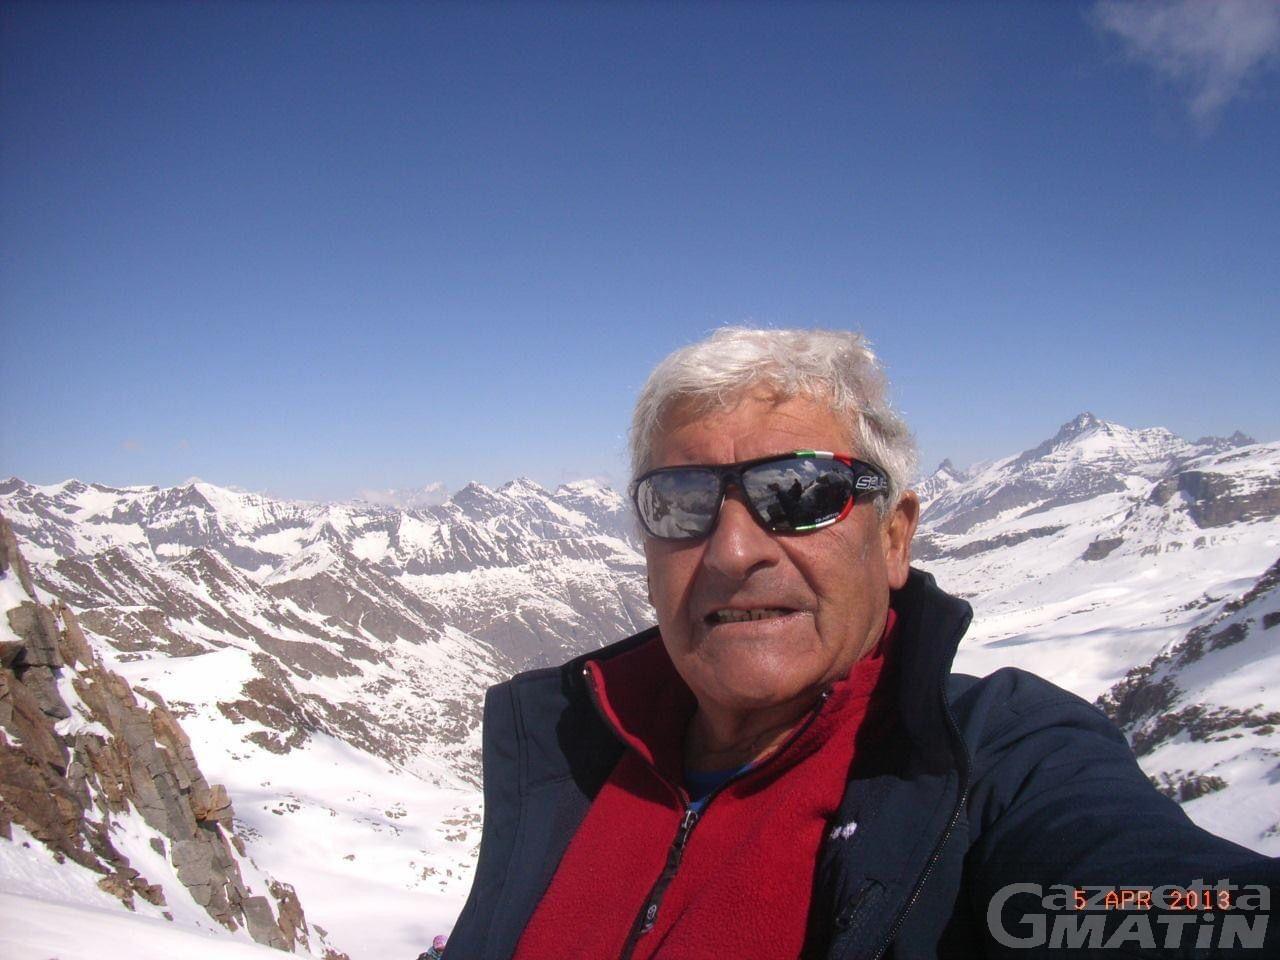 Lutto: morto Pierino Jocollé, ex sindaco di Valsavarenche